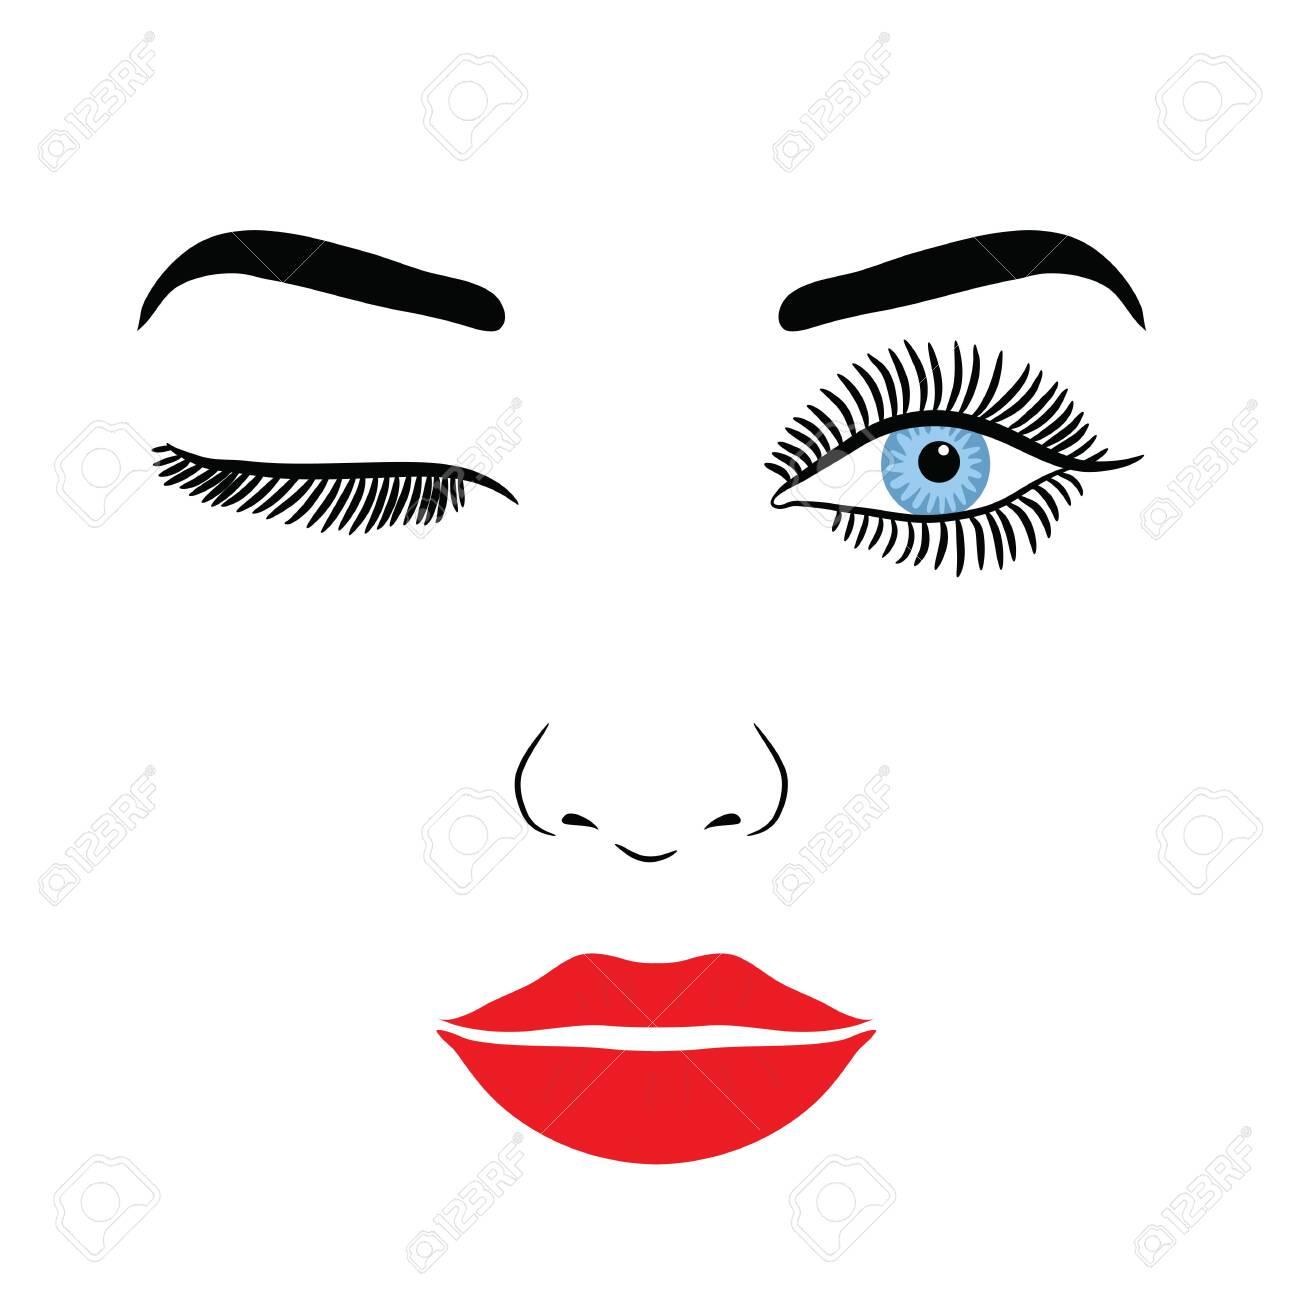 Female Face With Make-up Eyelashes, Eyes And Lips On A White Background - 148866328